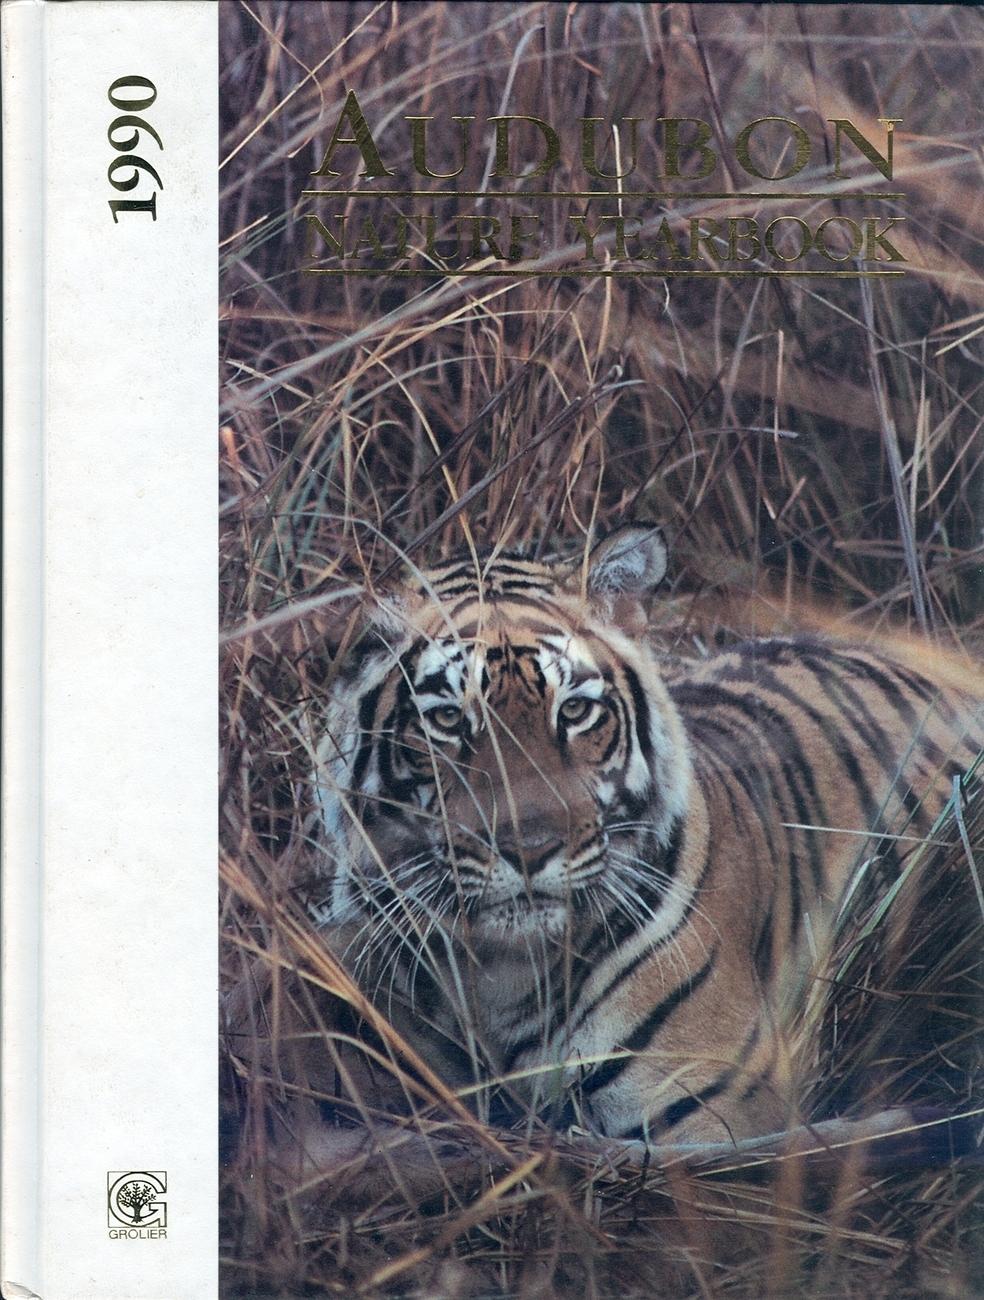 Audubon nature yearbook 1990 3